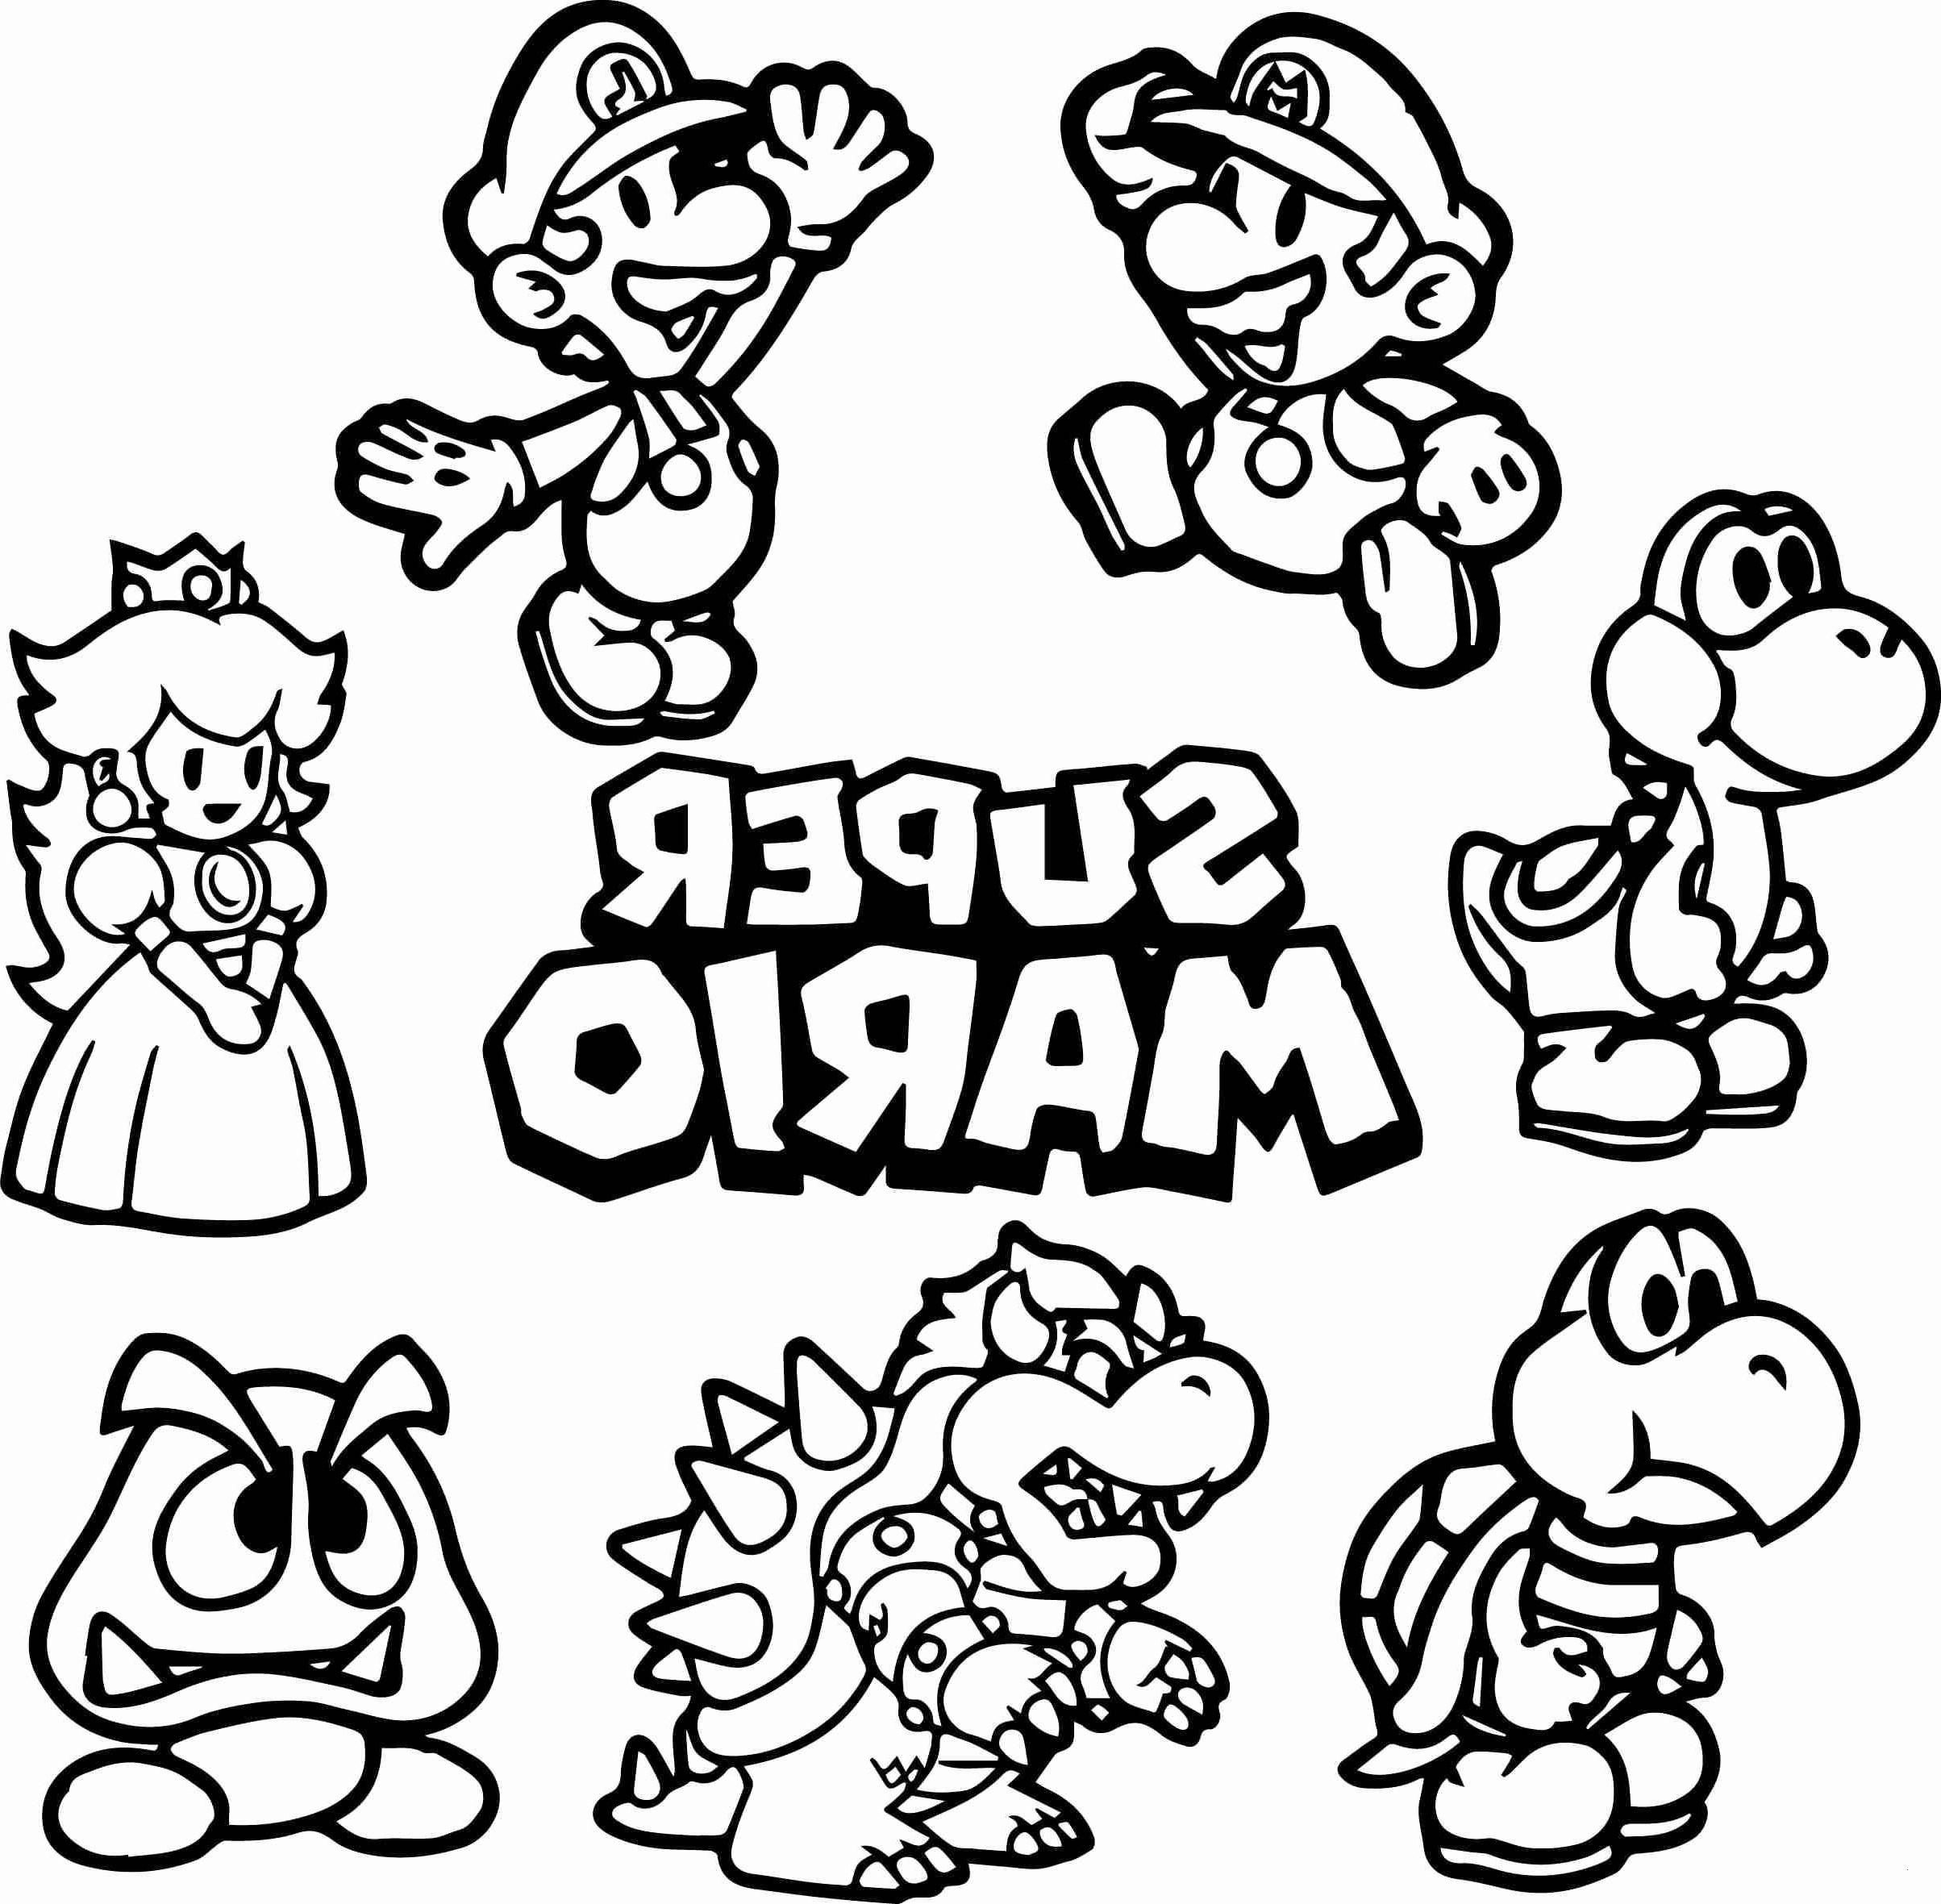 Mario Kart Ausmalbild Genial 28 Inspirierend Ausmalbild Super Mario – Malvorlagen Ideen Bild